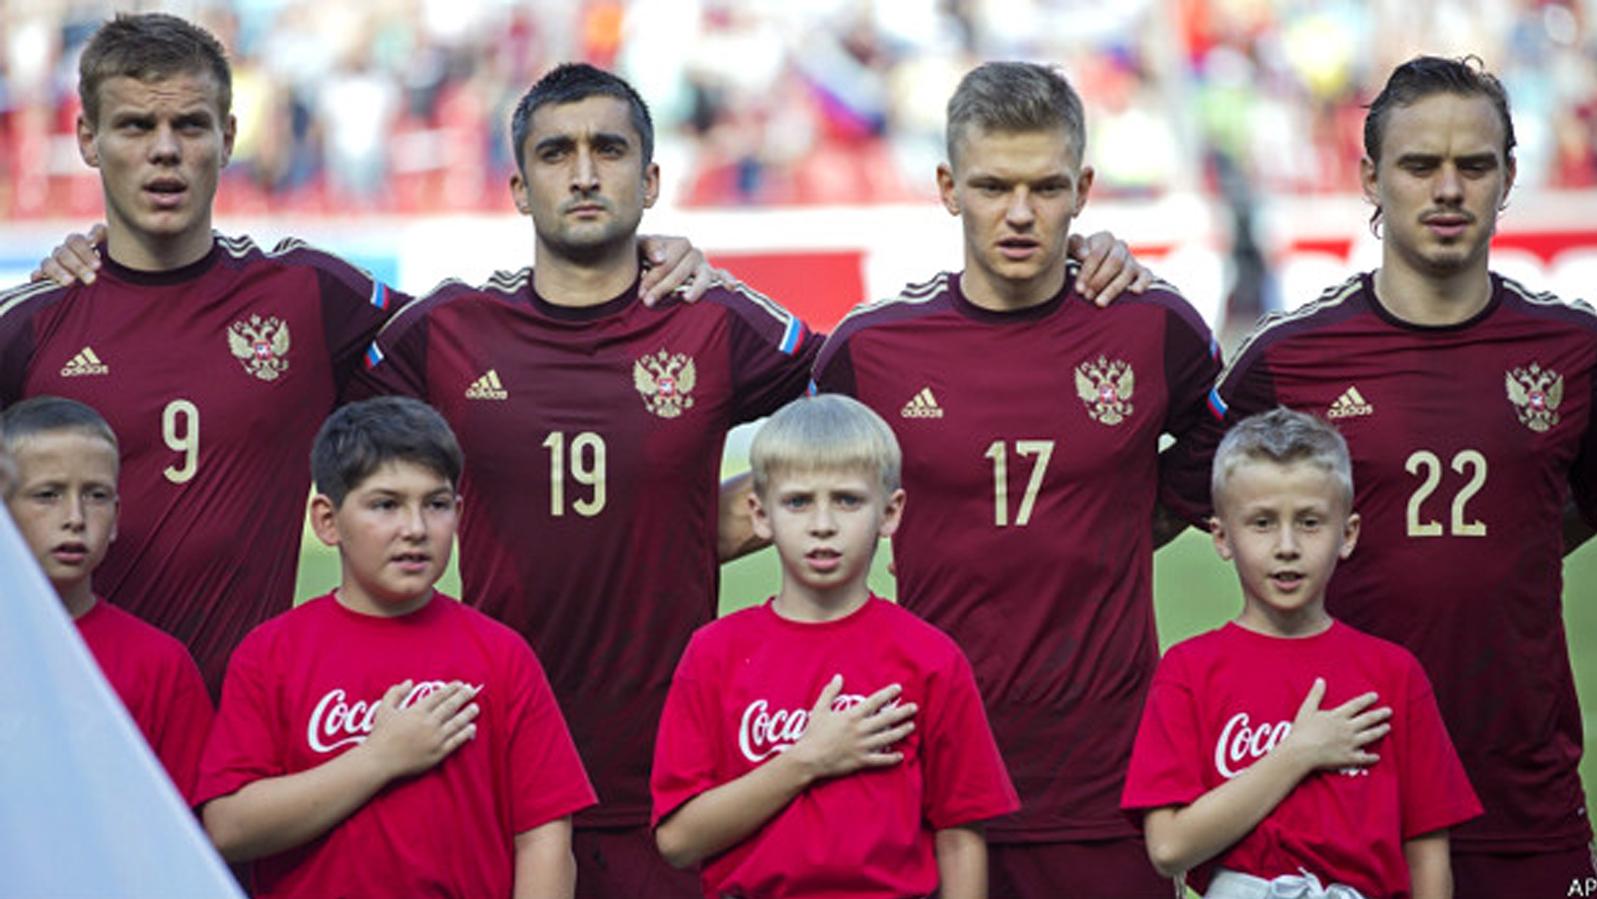 Знаете ли вы гимн России? Праздничный тест 66.RU